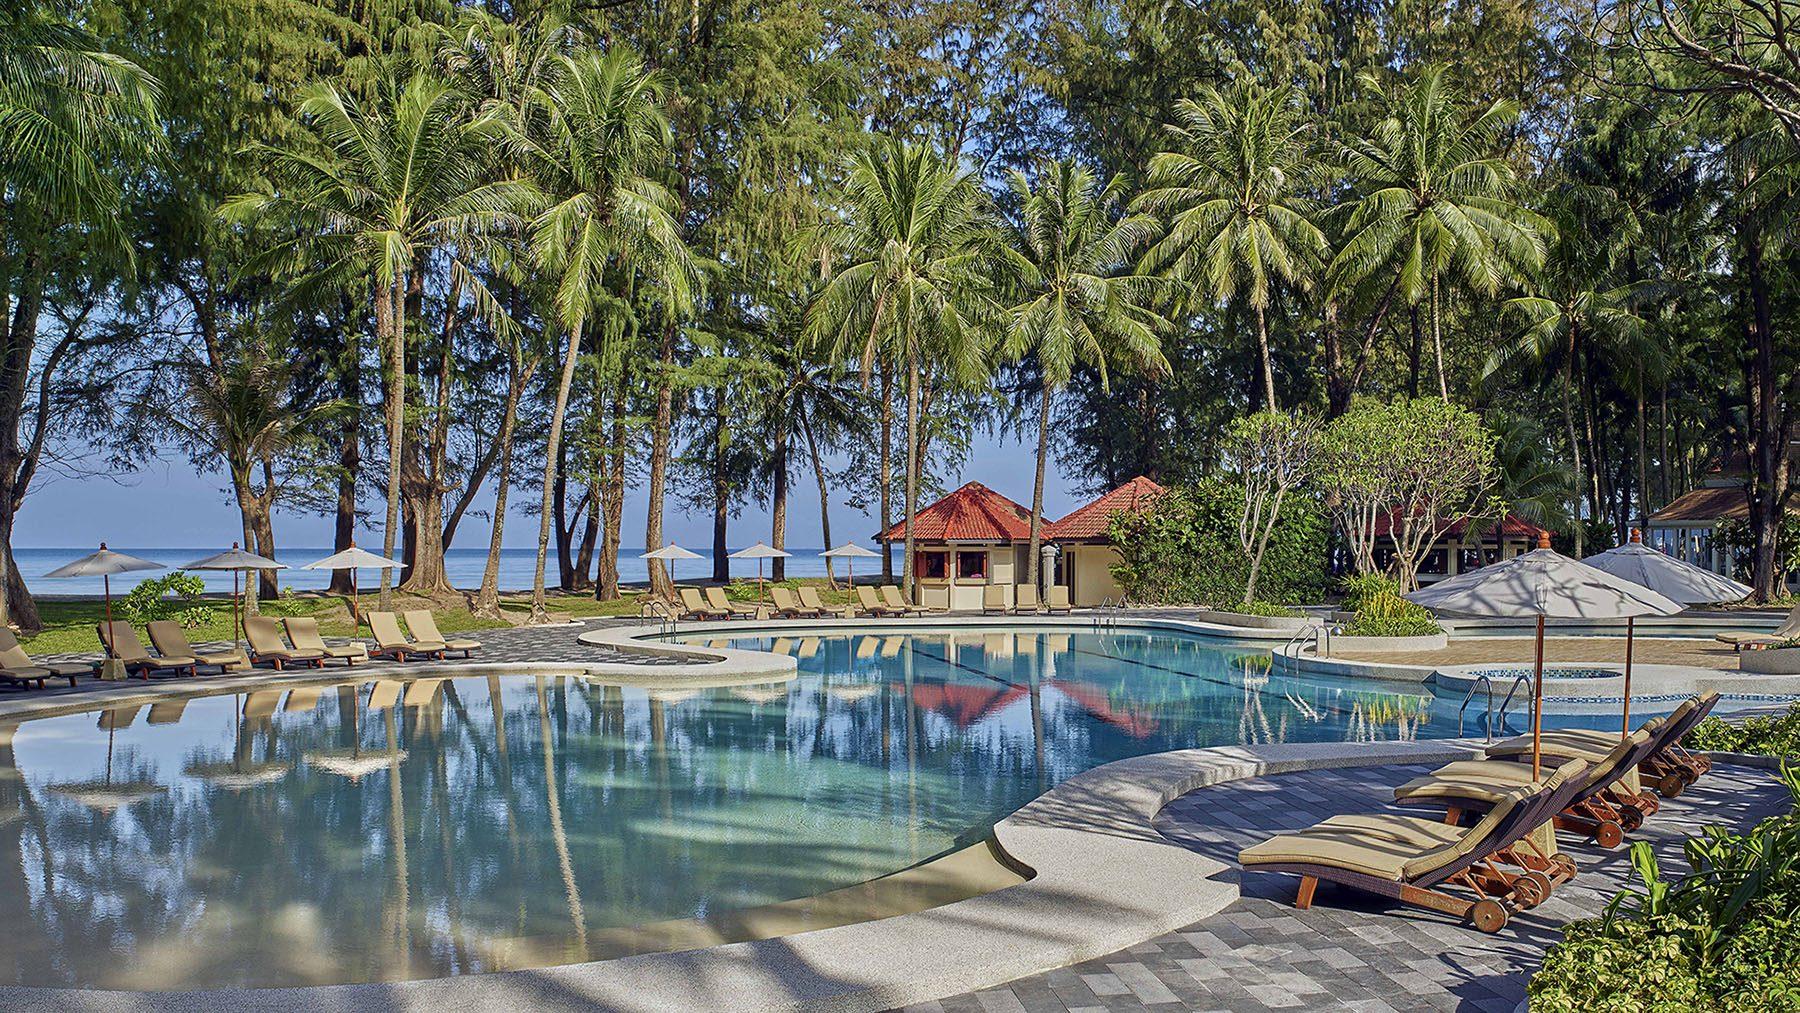 dusit thani laguna phuket - pool day